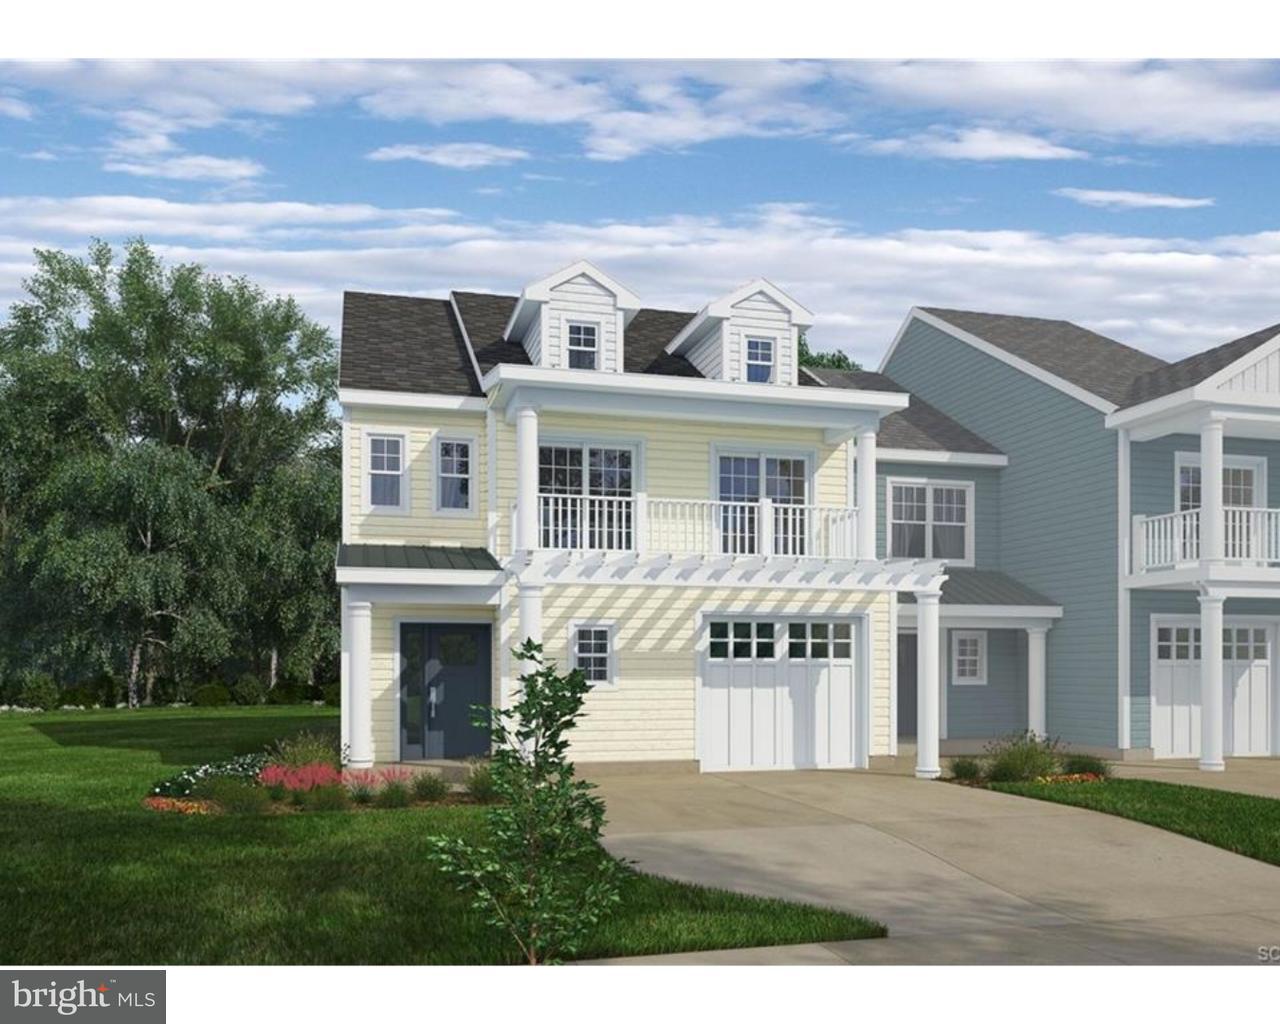 一戸建て のために 売買 アット 36209 GLENVEAGH RD #UNIT 1 Selbyville, デラウェア 19975 アメリカ合衆国